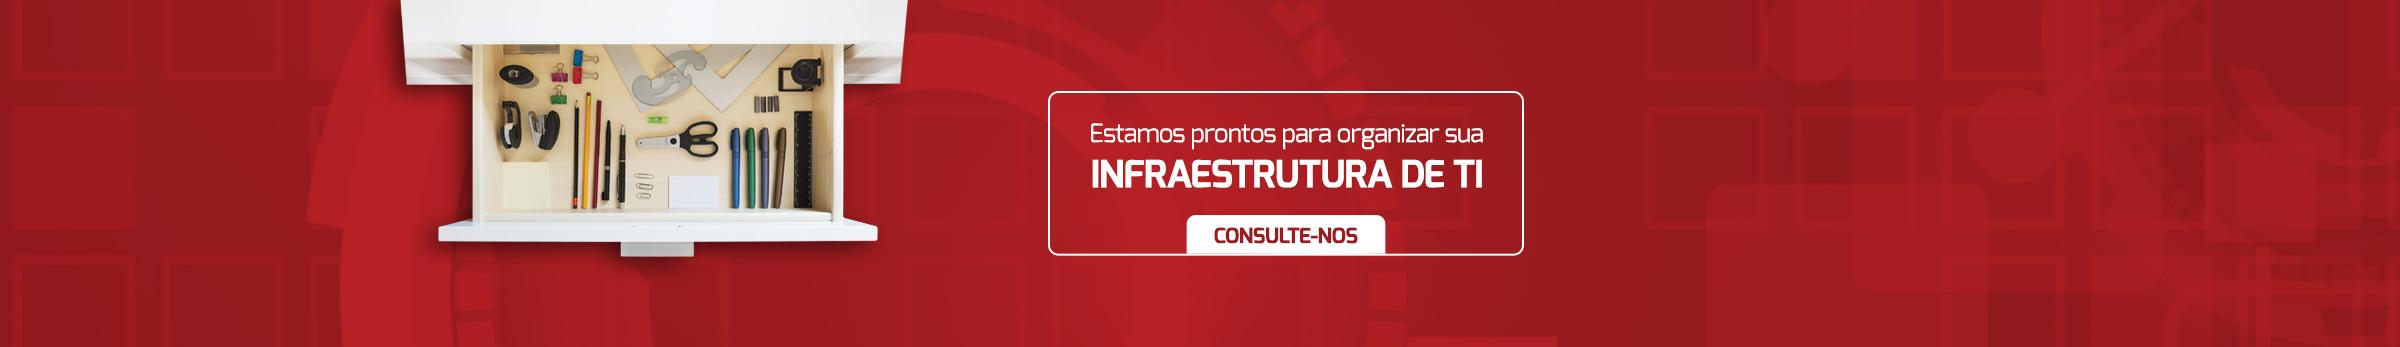 bn_infra